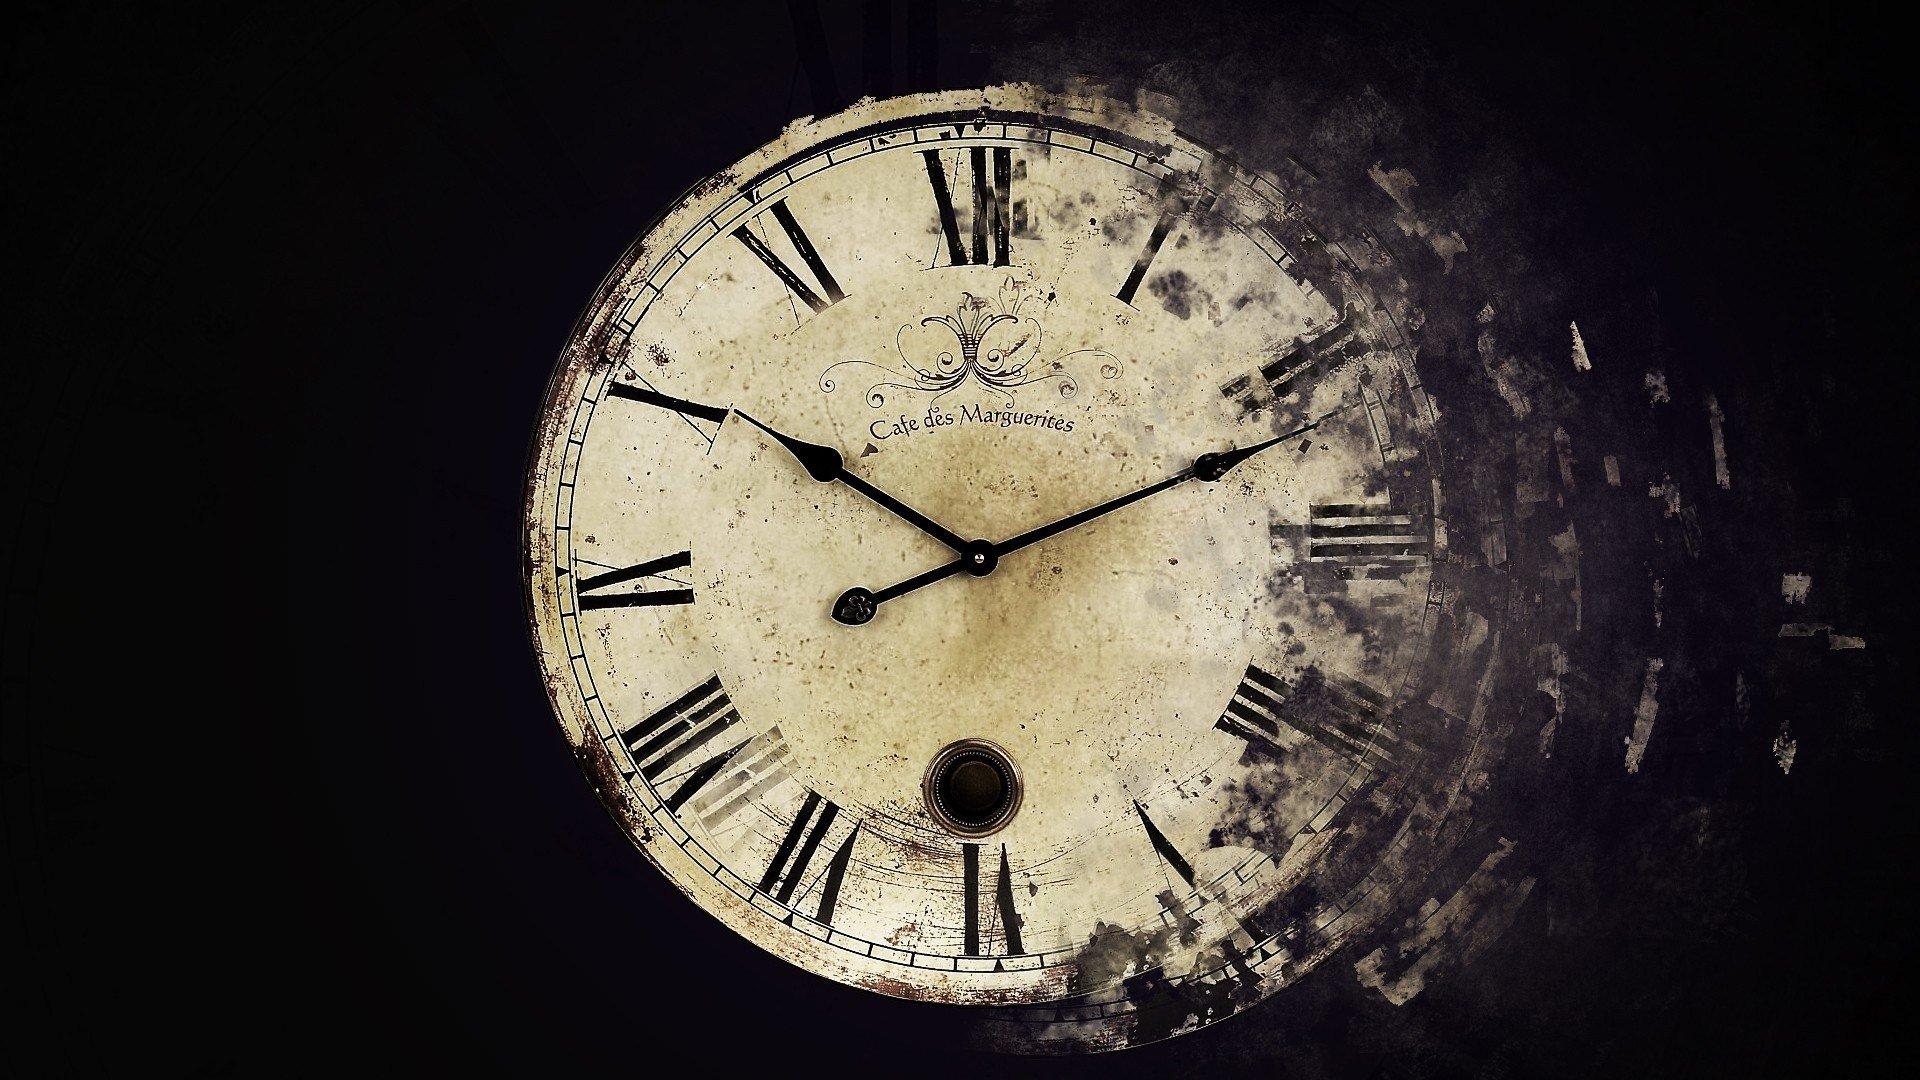 Если б у меня появилась возможность управлять временем.... - Изображение 1